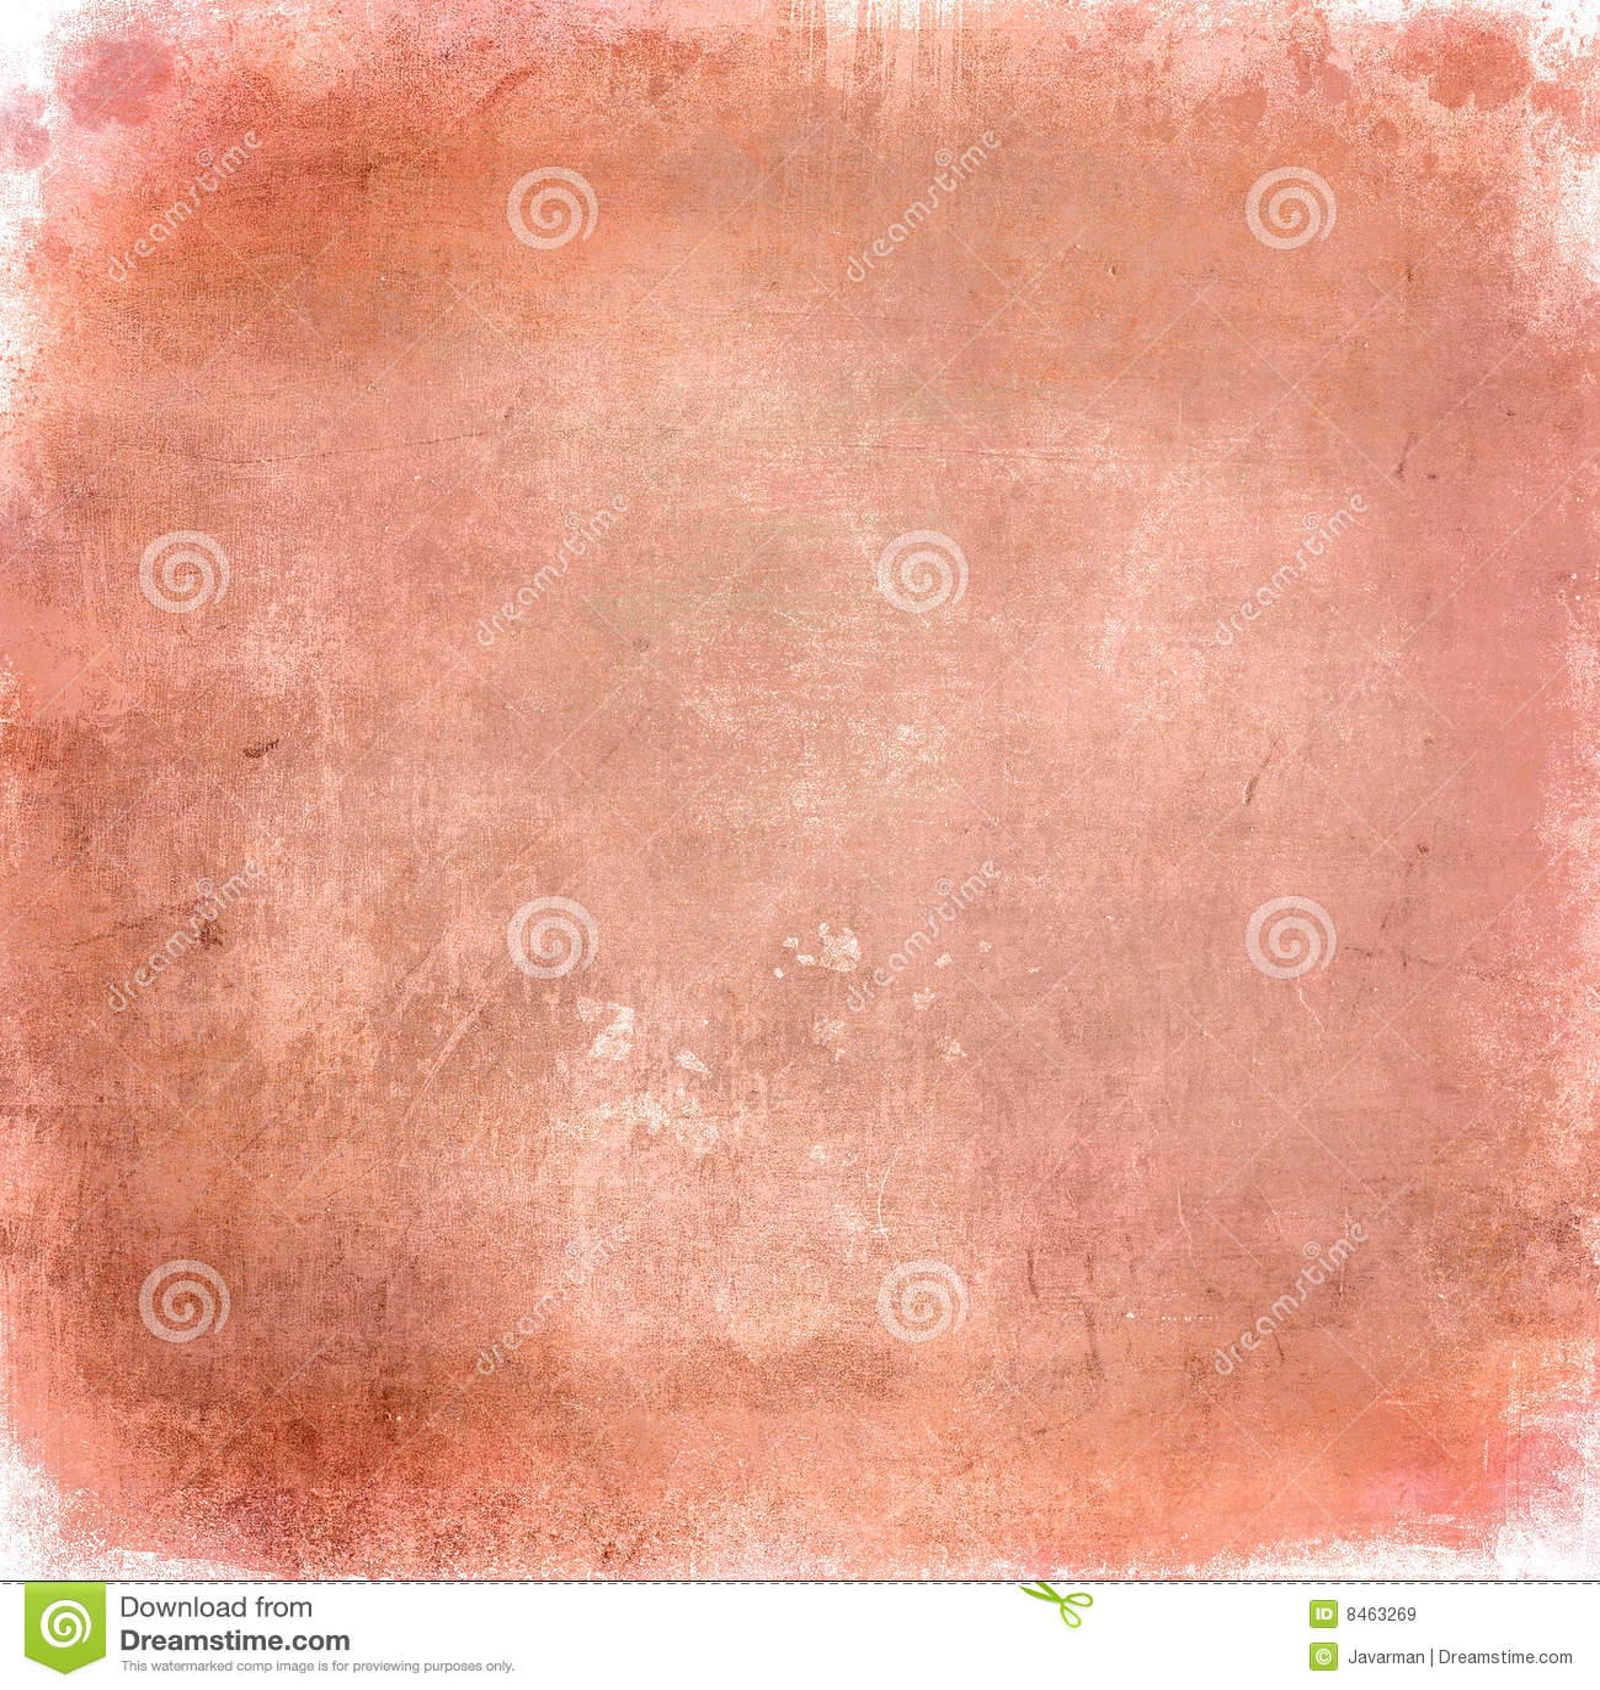 Grunge bakgrund med avstånd för text eller bild